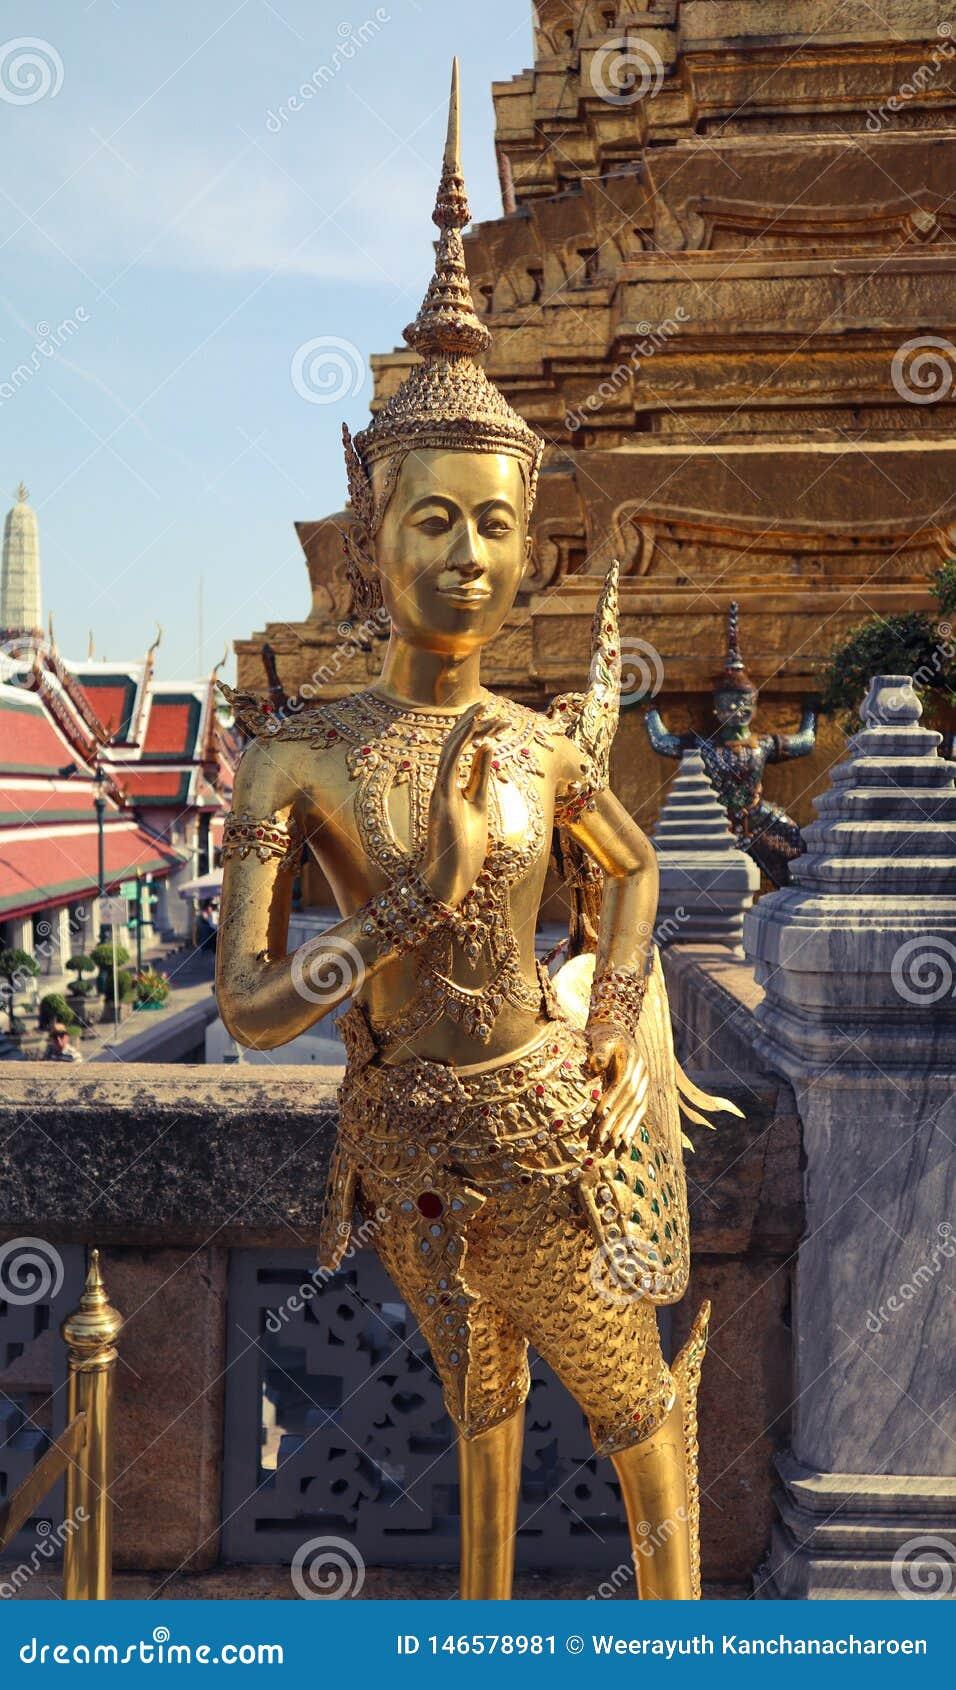 Wat Phra Kaew, powszechnie zna? w Angielskim jako ?wi?tynia Szmaragdowy Buddha uroczysty pa?ac lub dotyczy jak najwi?cej ?wi?tego